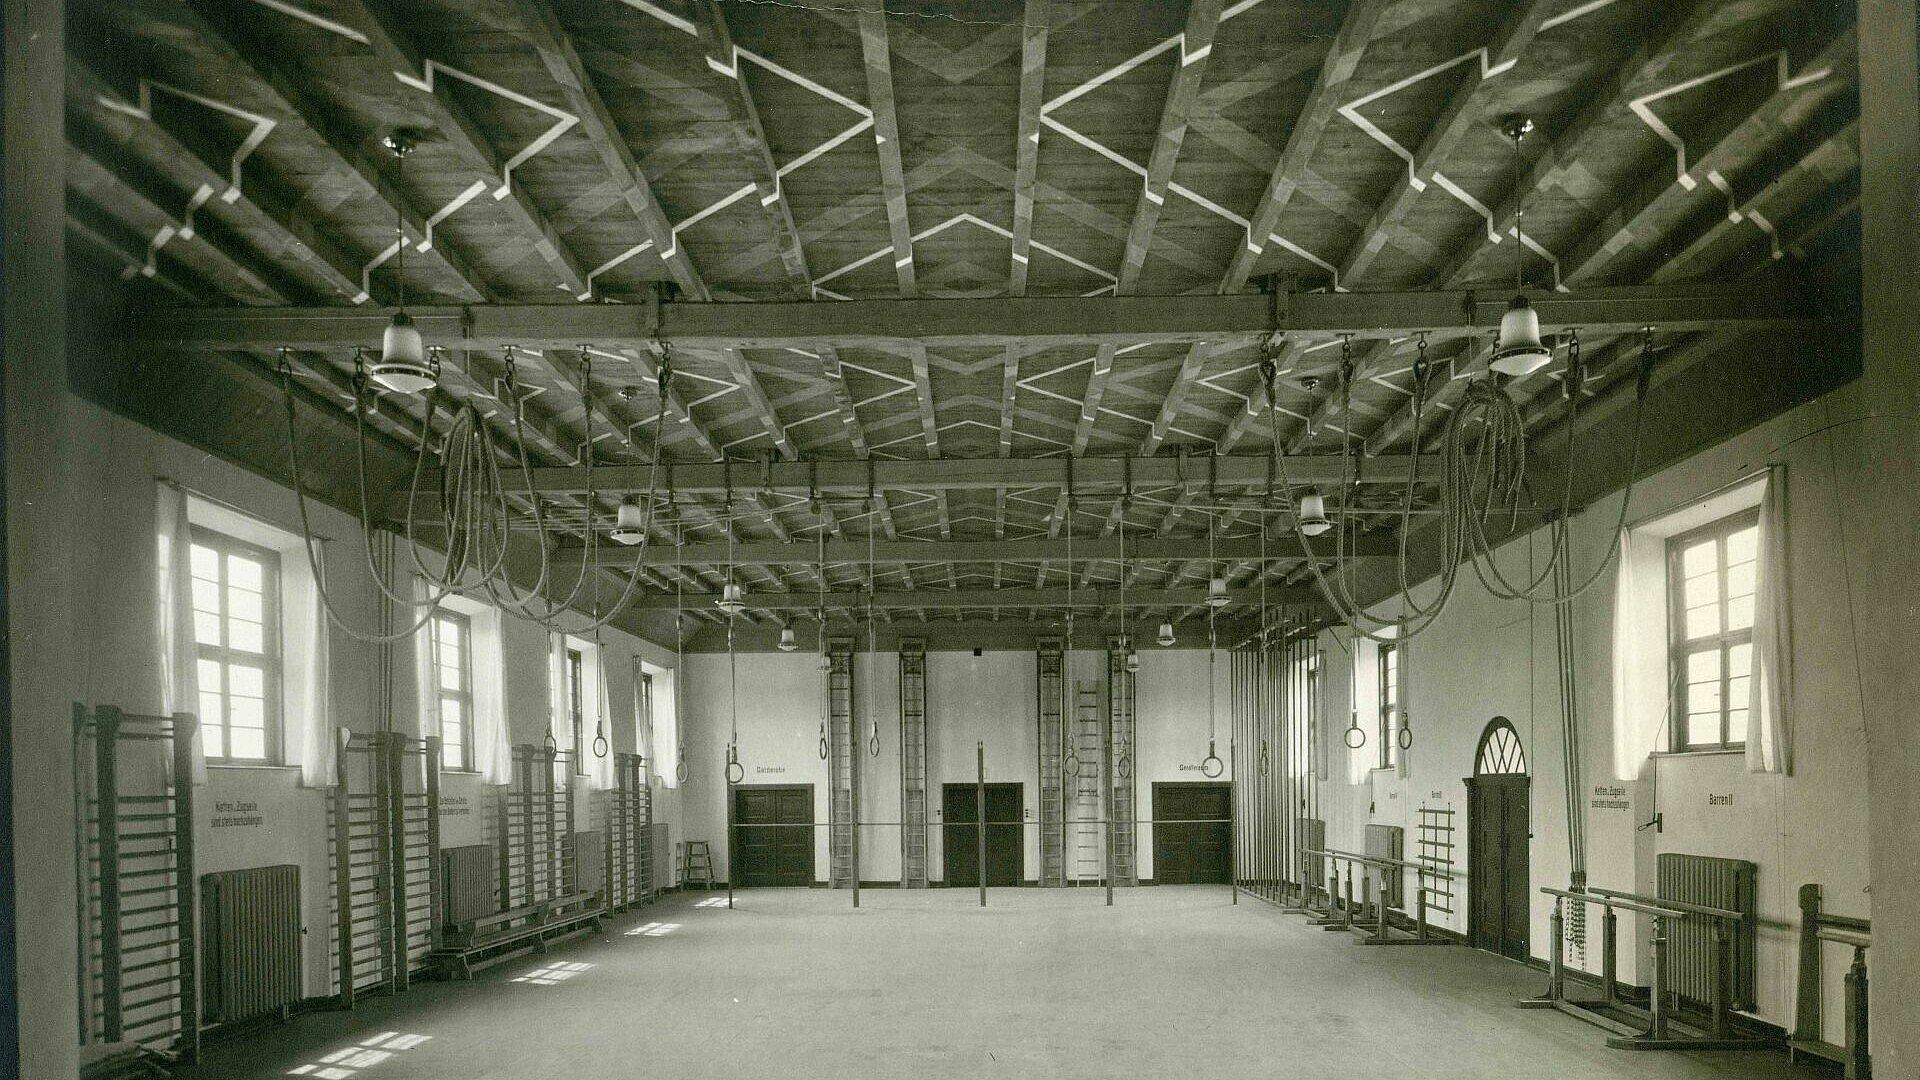 Historisches Foto der alten Turnhalle der Grundschule in Mauenheim